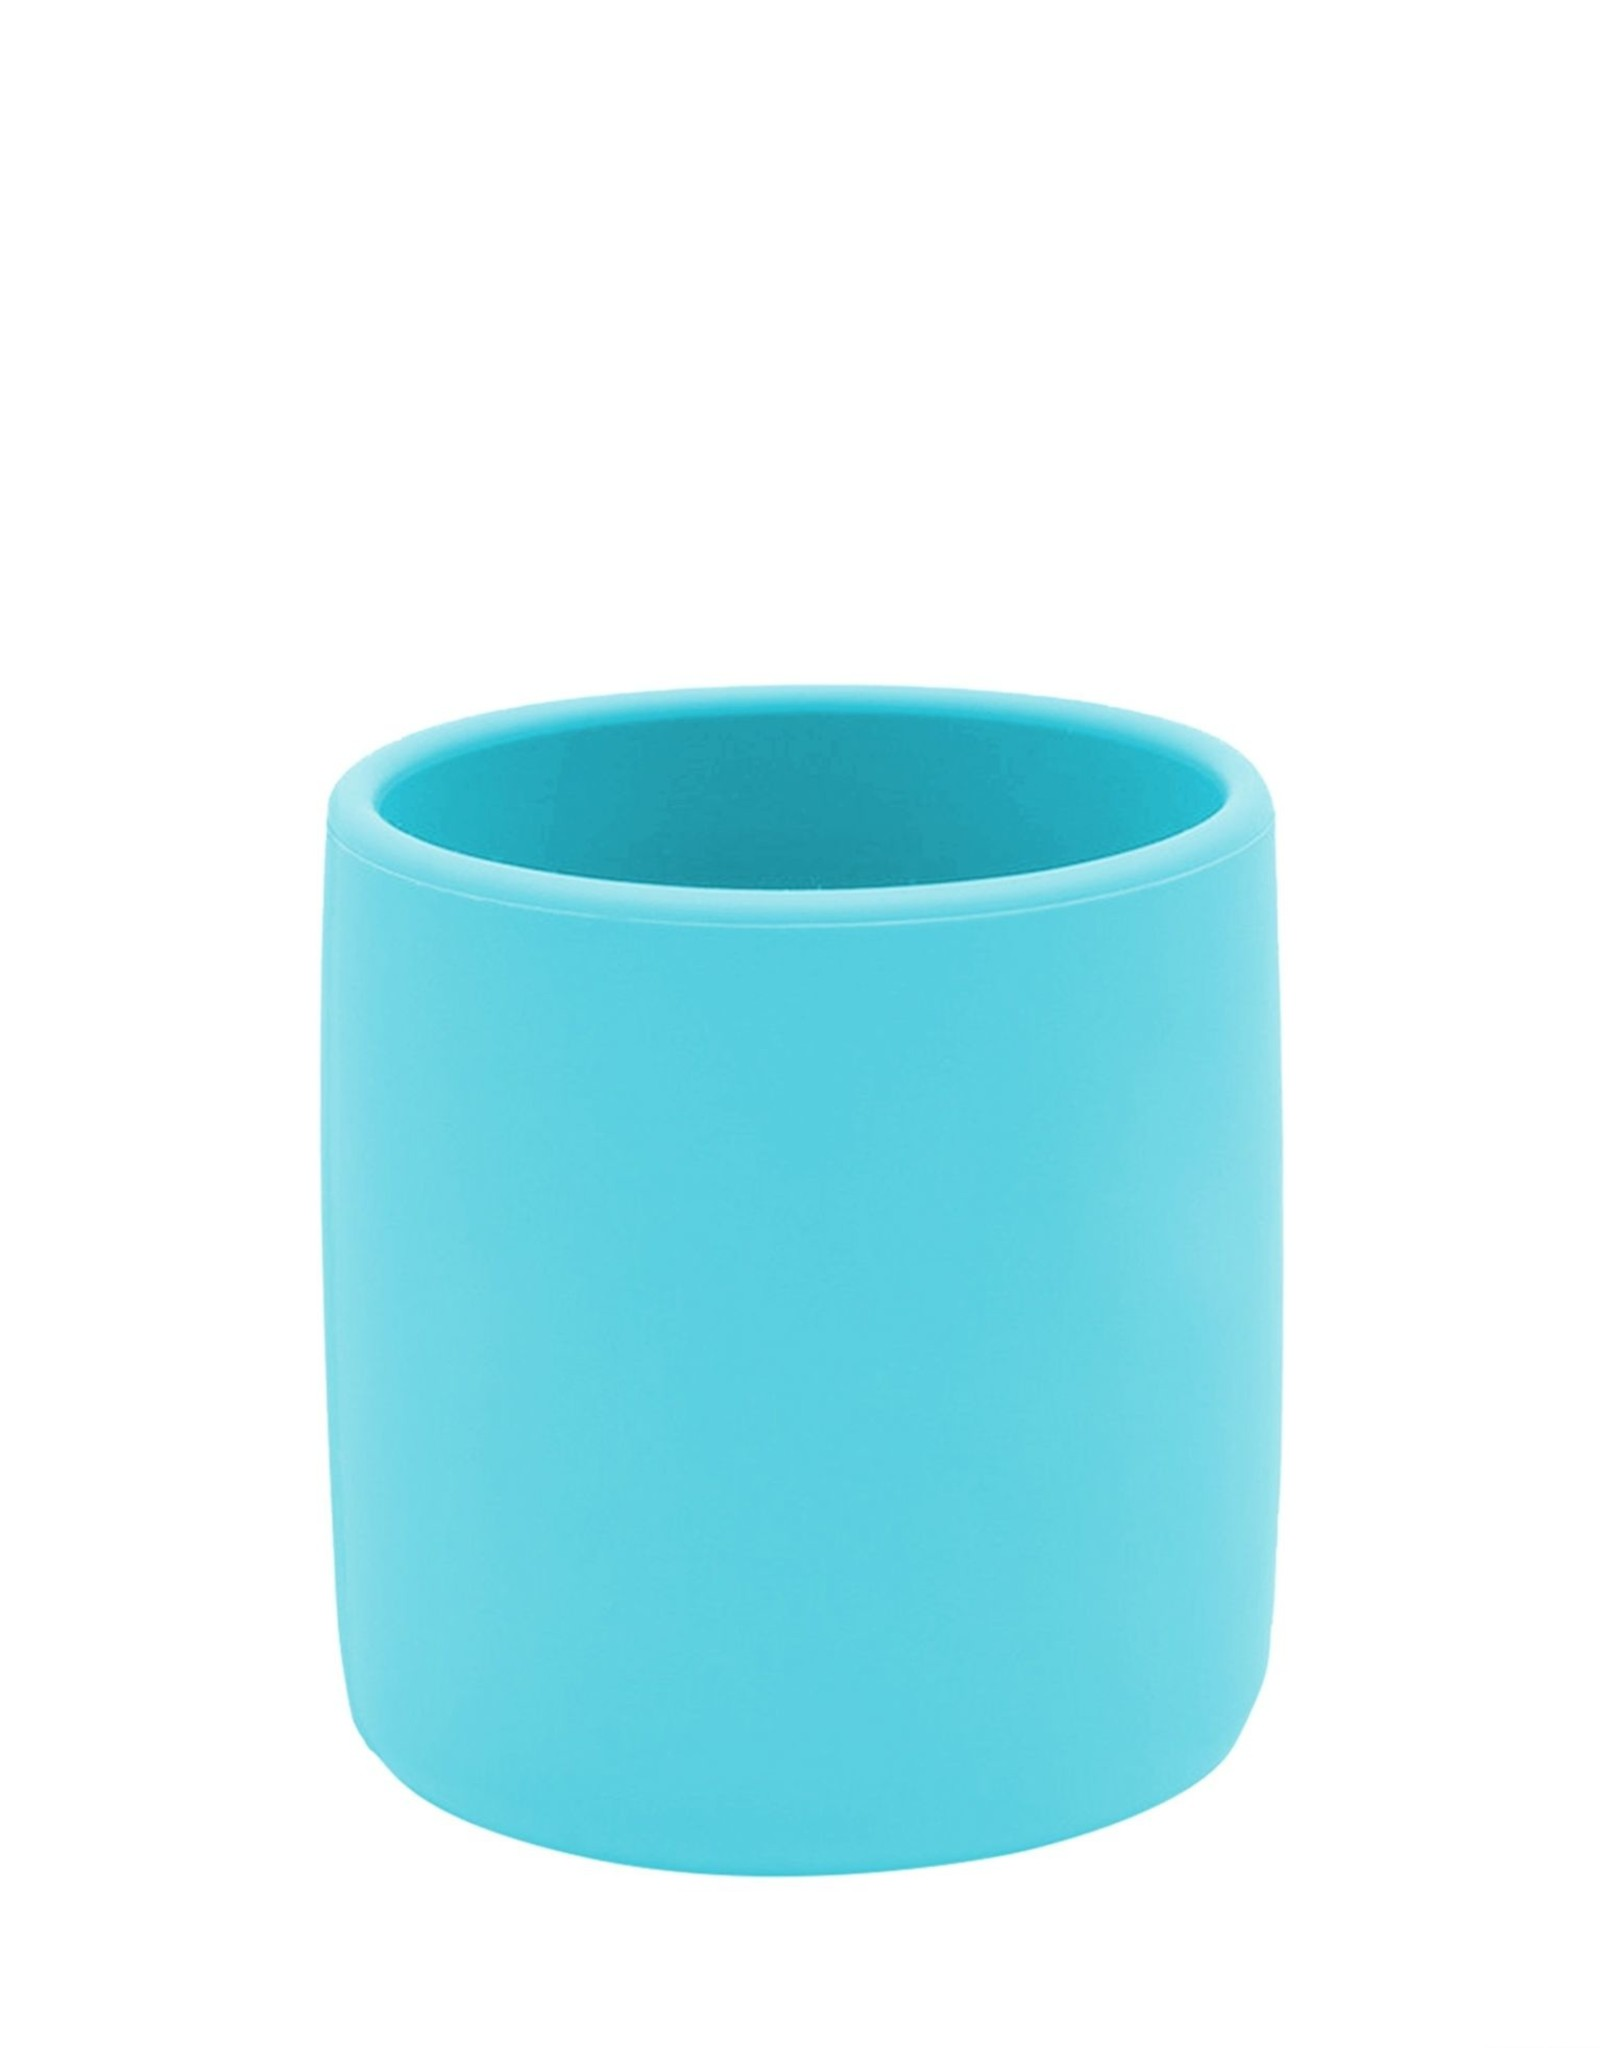 Minikoikoi Minikoikoi - mini cup blauw